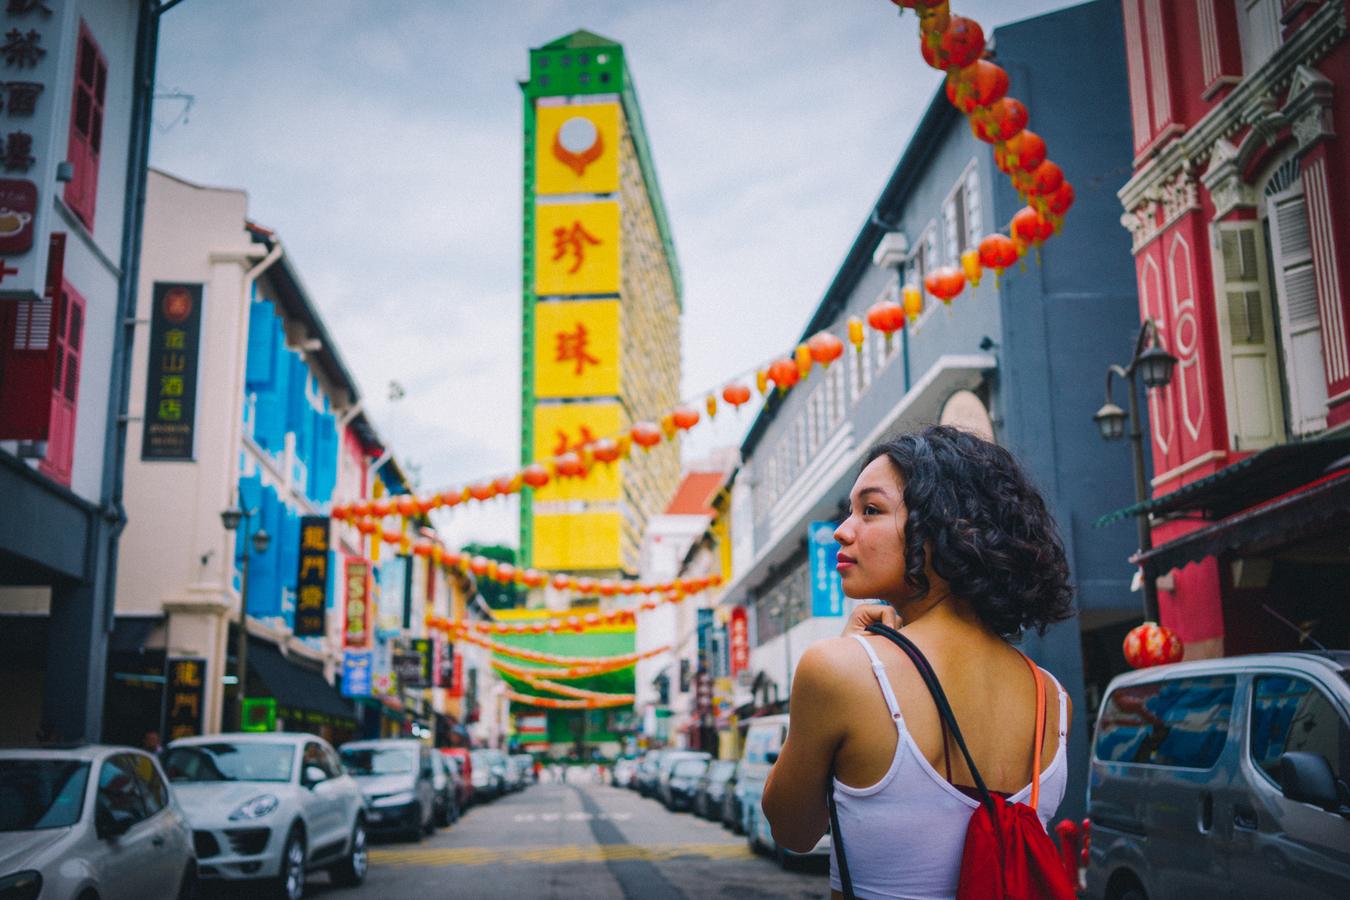 Procházka do Chinatown